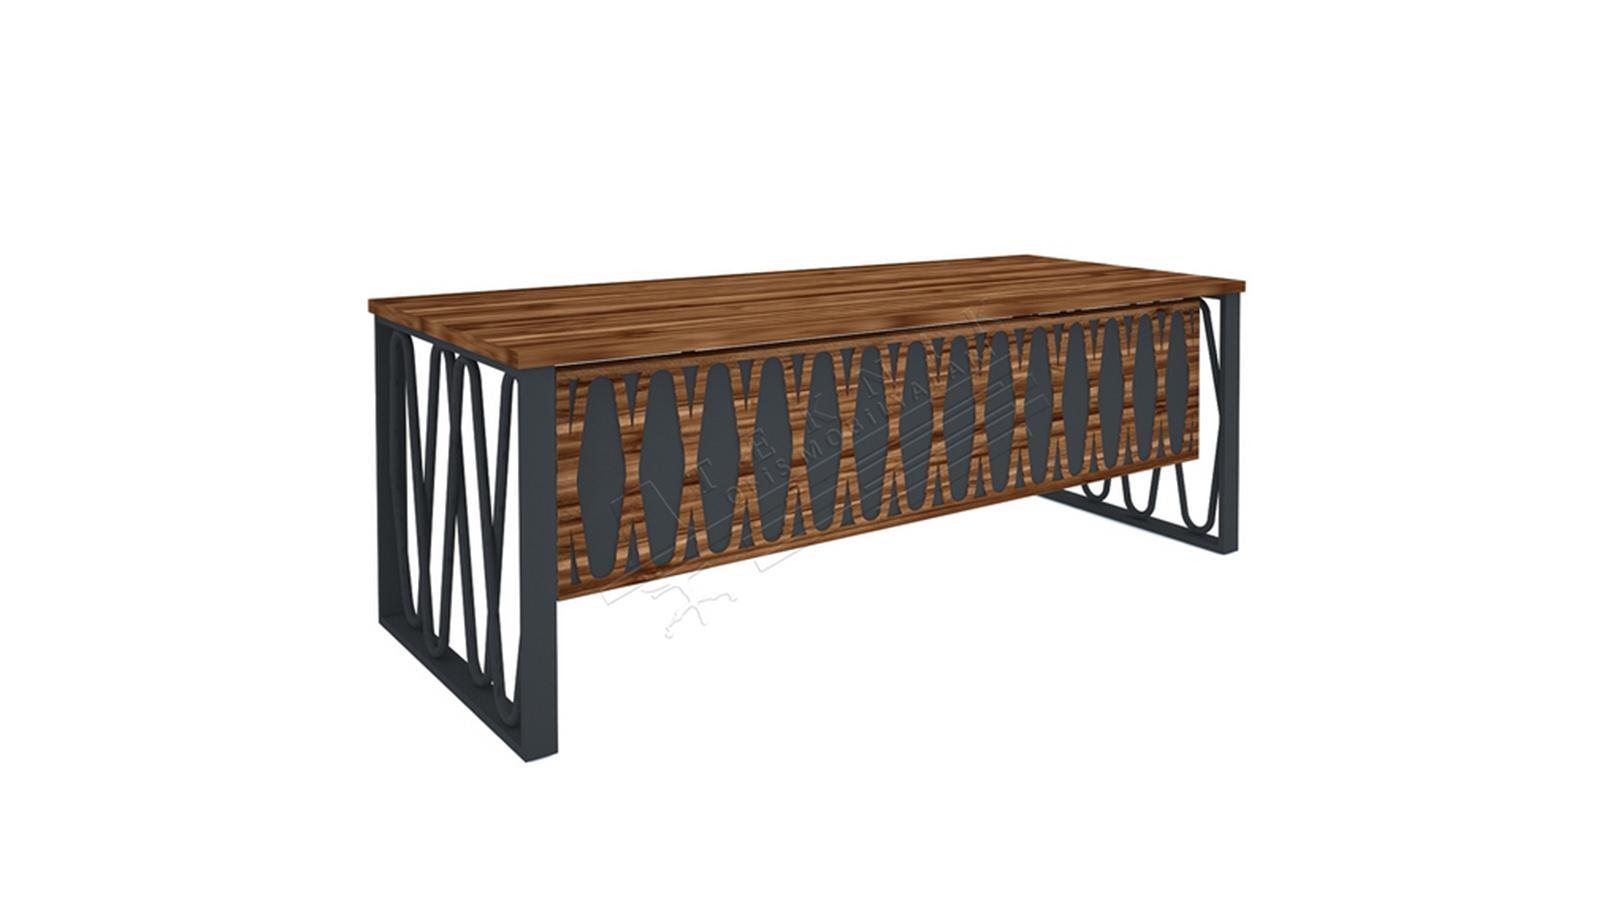 meran yönetici masası 200cm